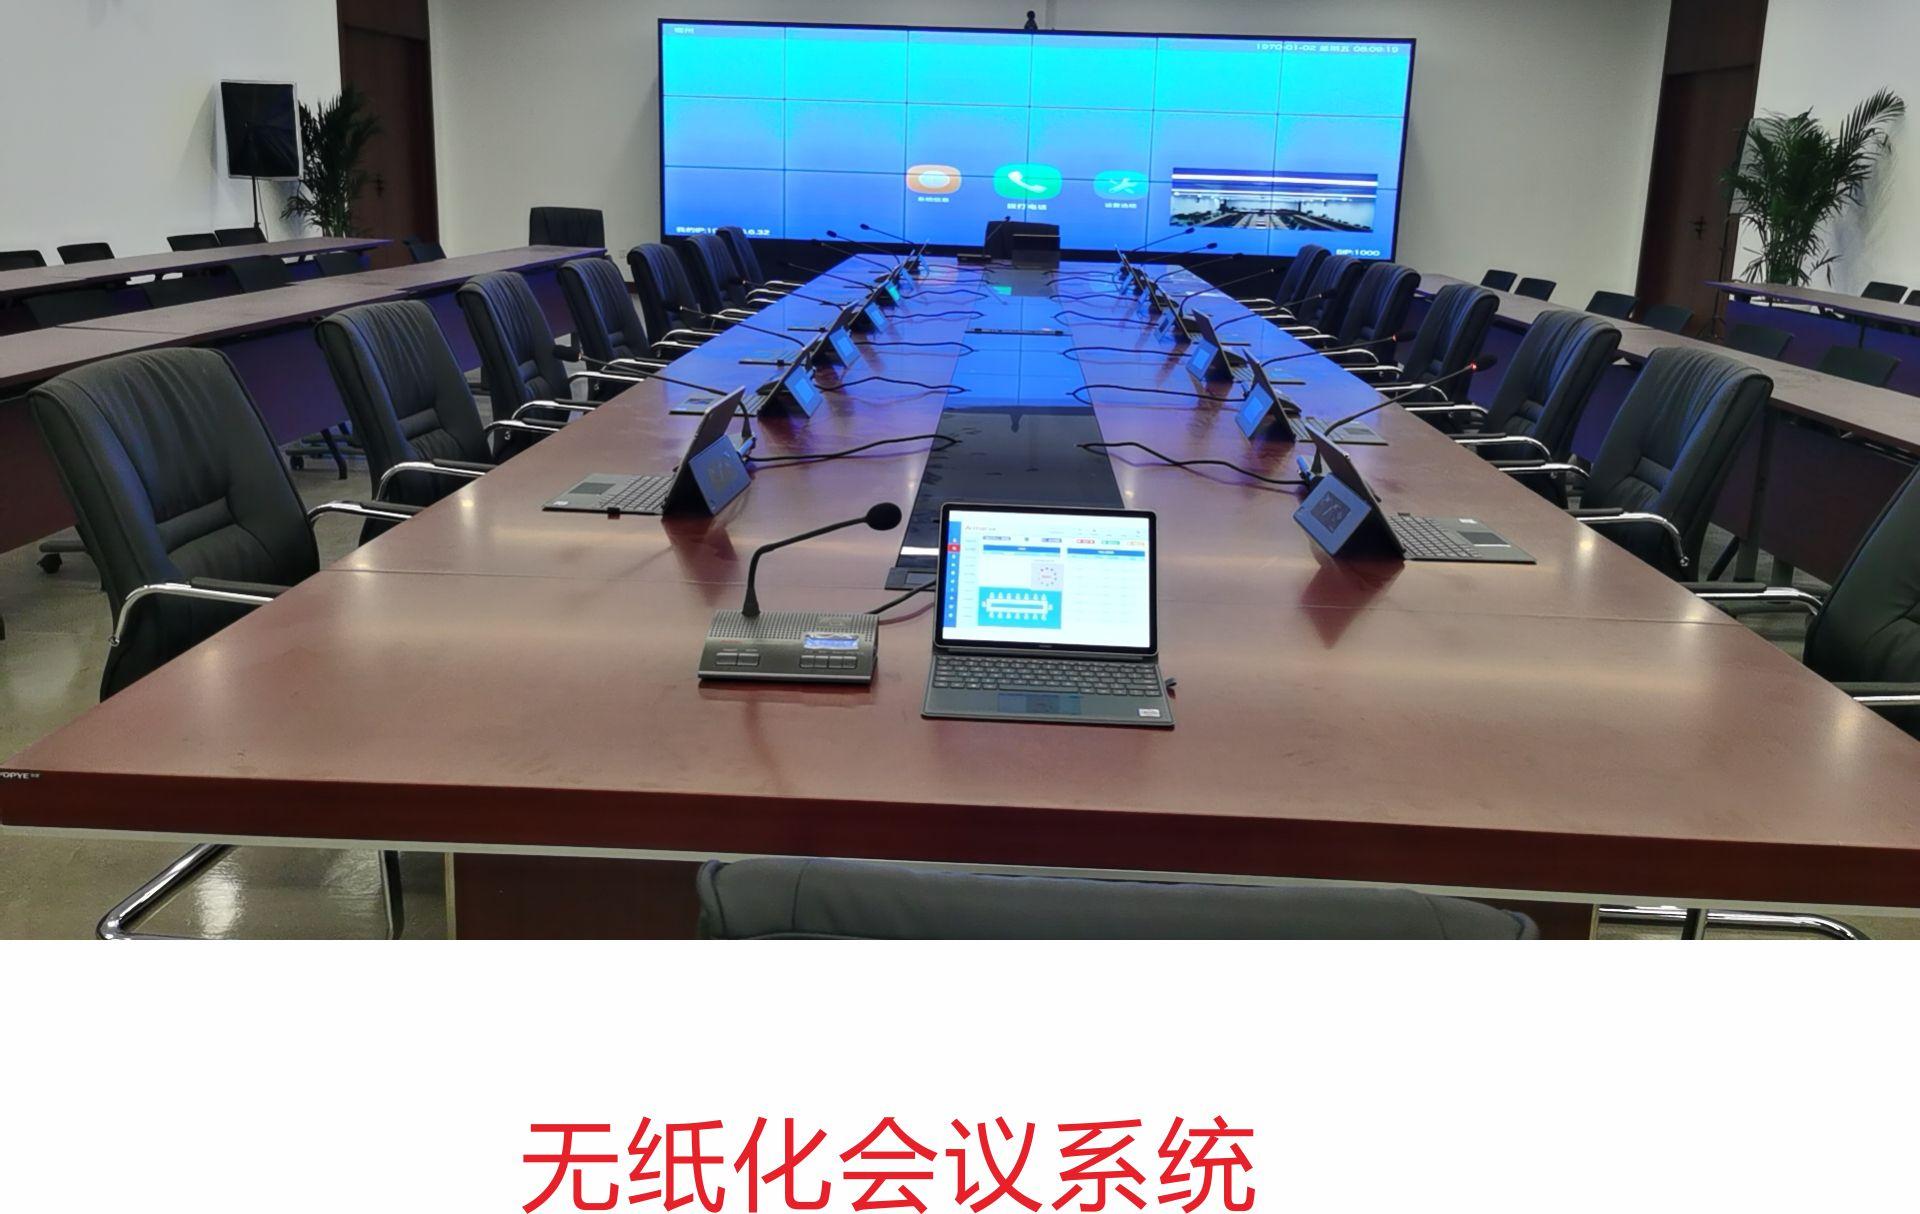 安度智谷(广州)电子科技有限公司